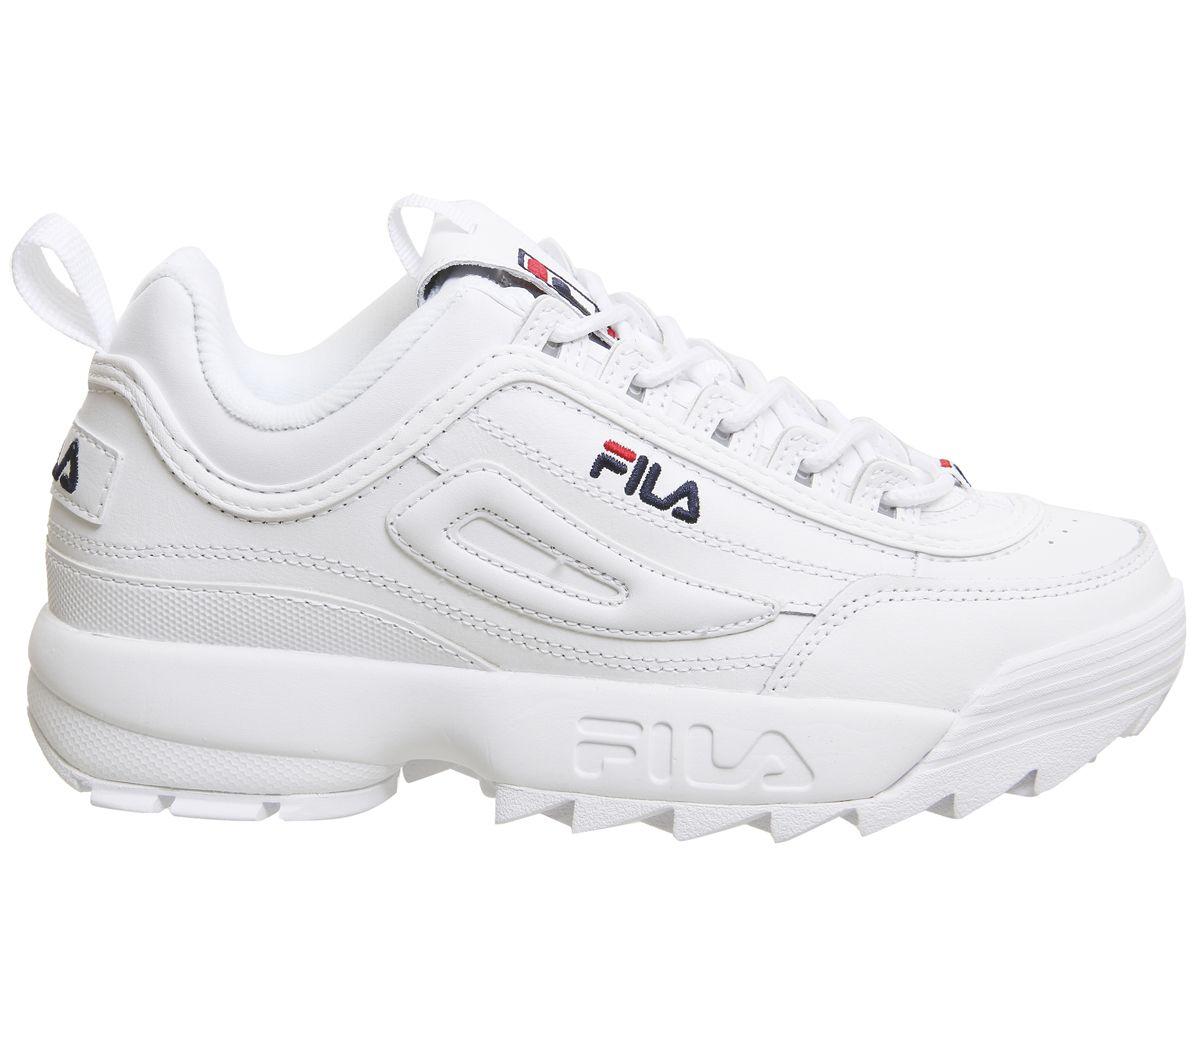 design di qualità 85b78 c1681 fila scarpe disruptor 2 bianche